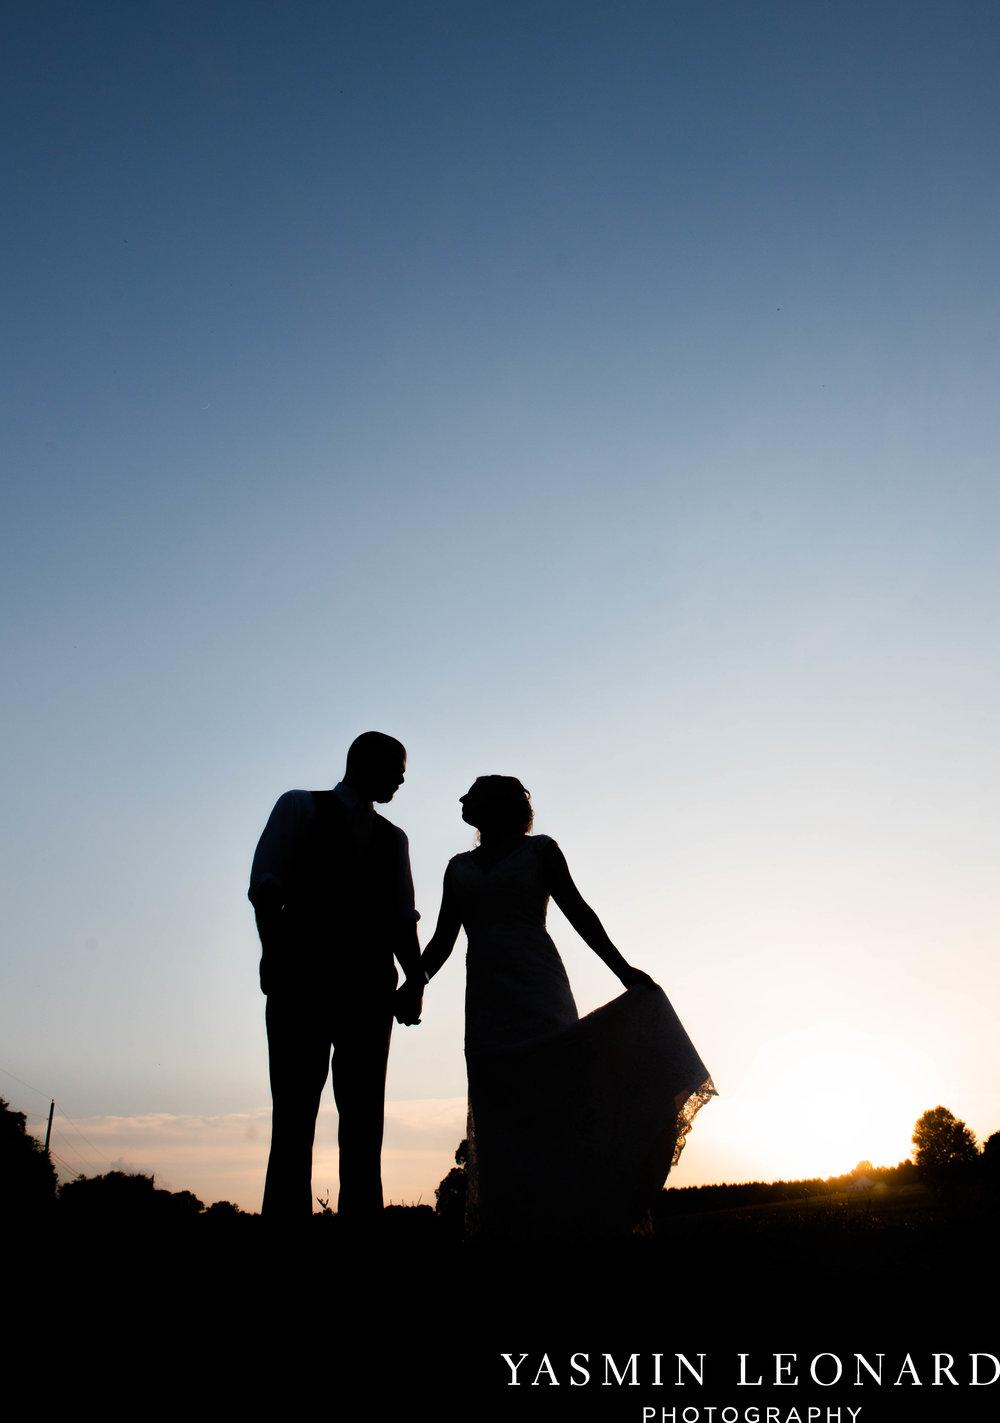 L'abri at Linwood - Yasmin Leonard Photography - NC Wedding Venues - NC Weddings - NC Photographer - High Point Wedding Photographer - Charlotte Wedding Photographer - Pink and Navy Wedding - Pale Pink Wedding - Outdoor Summer Wedding-112.jpg